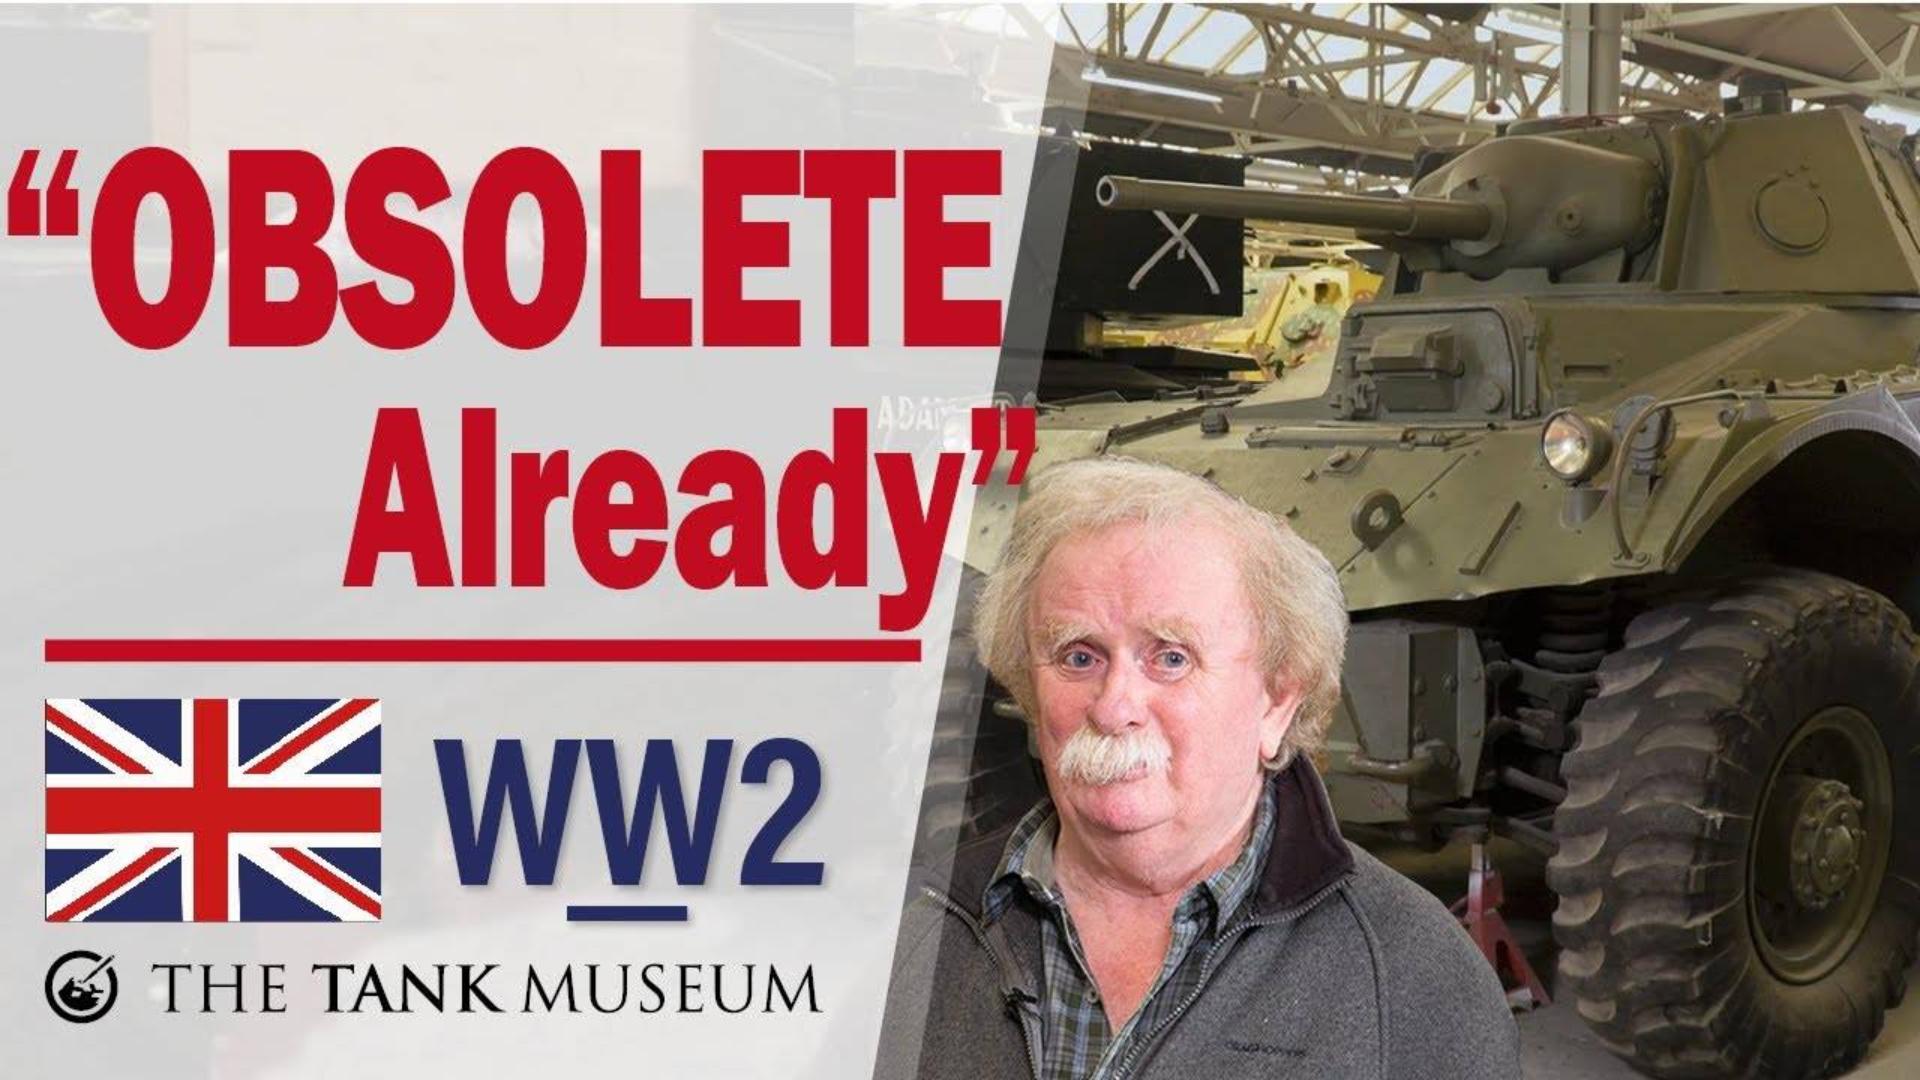 【坦克讲座/双语】大卫·弗莱彻-86-考文垂装甲车